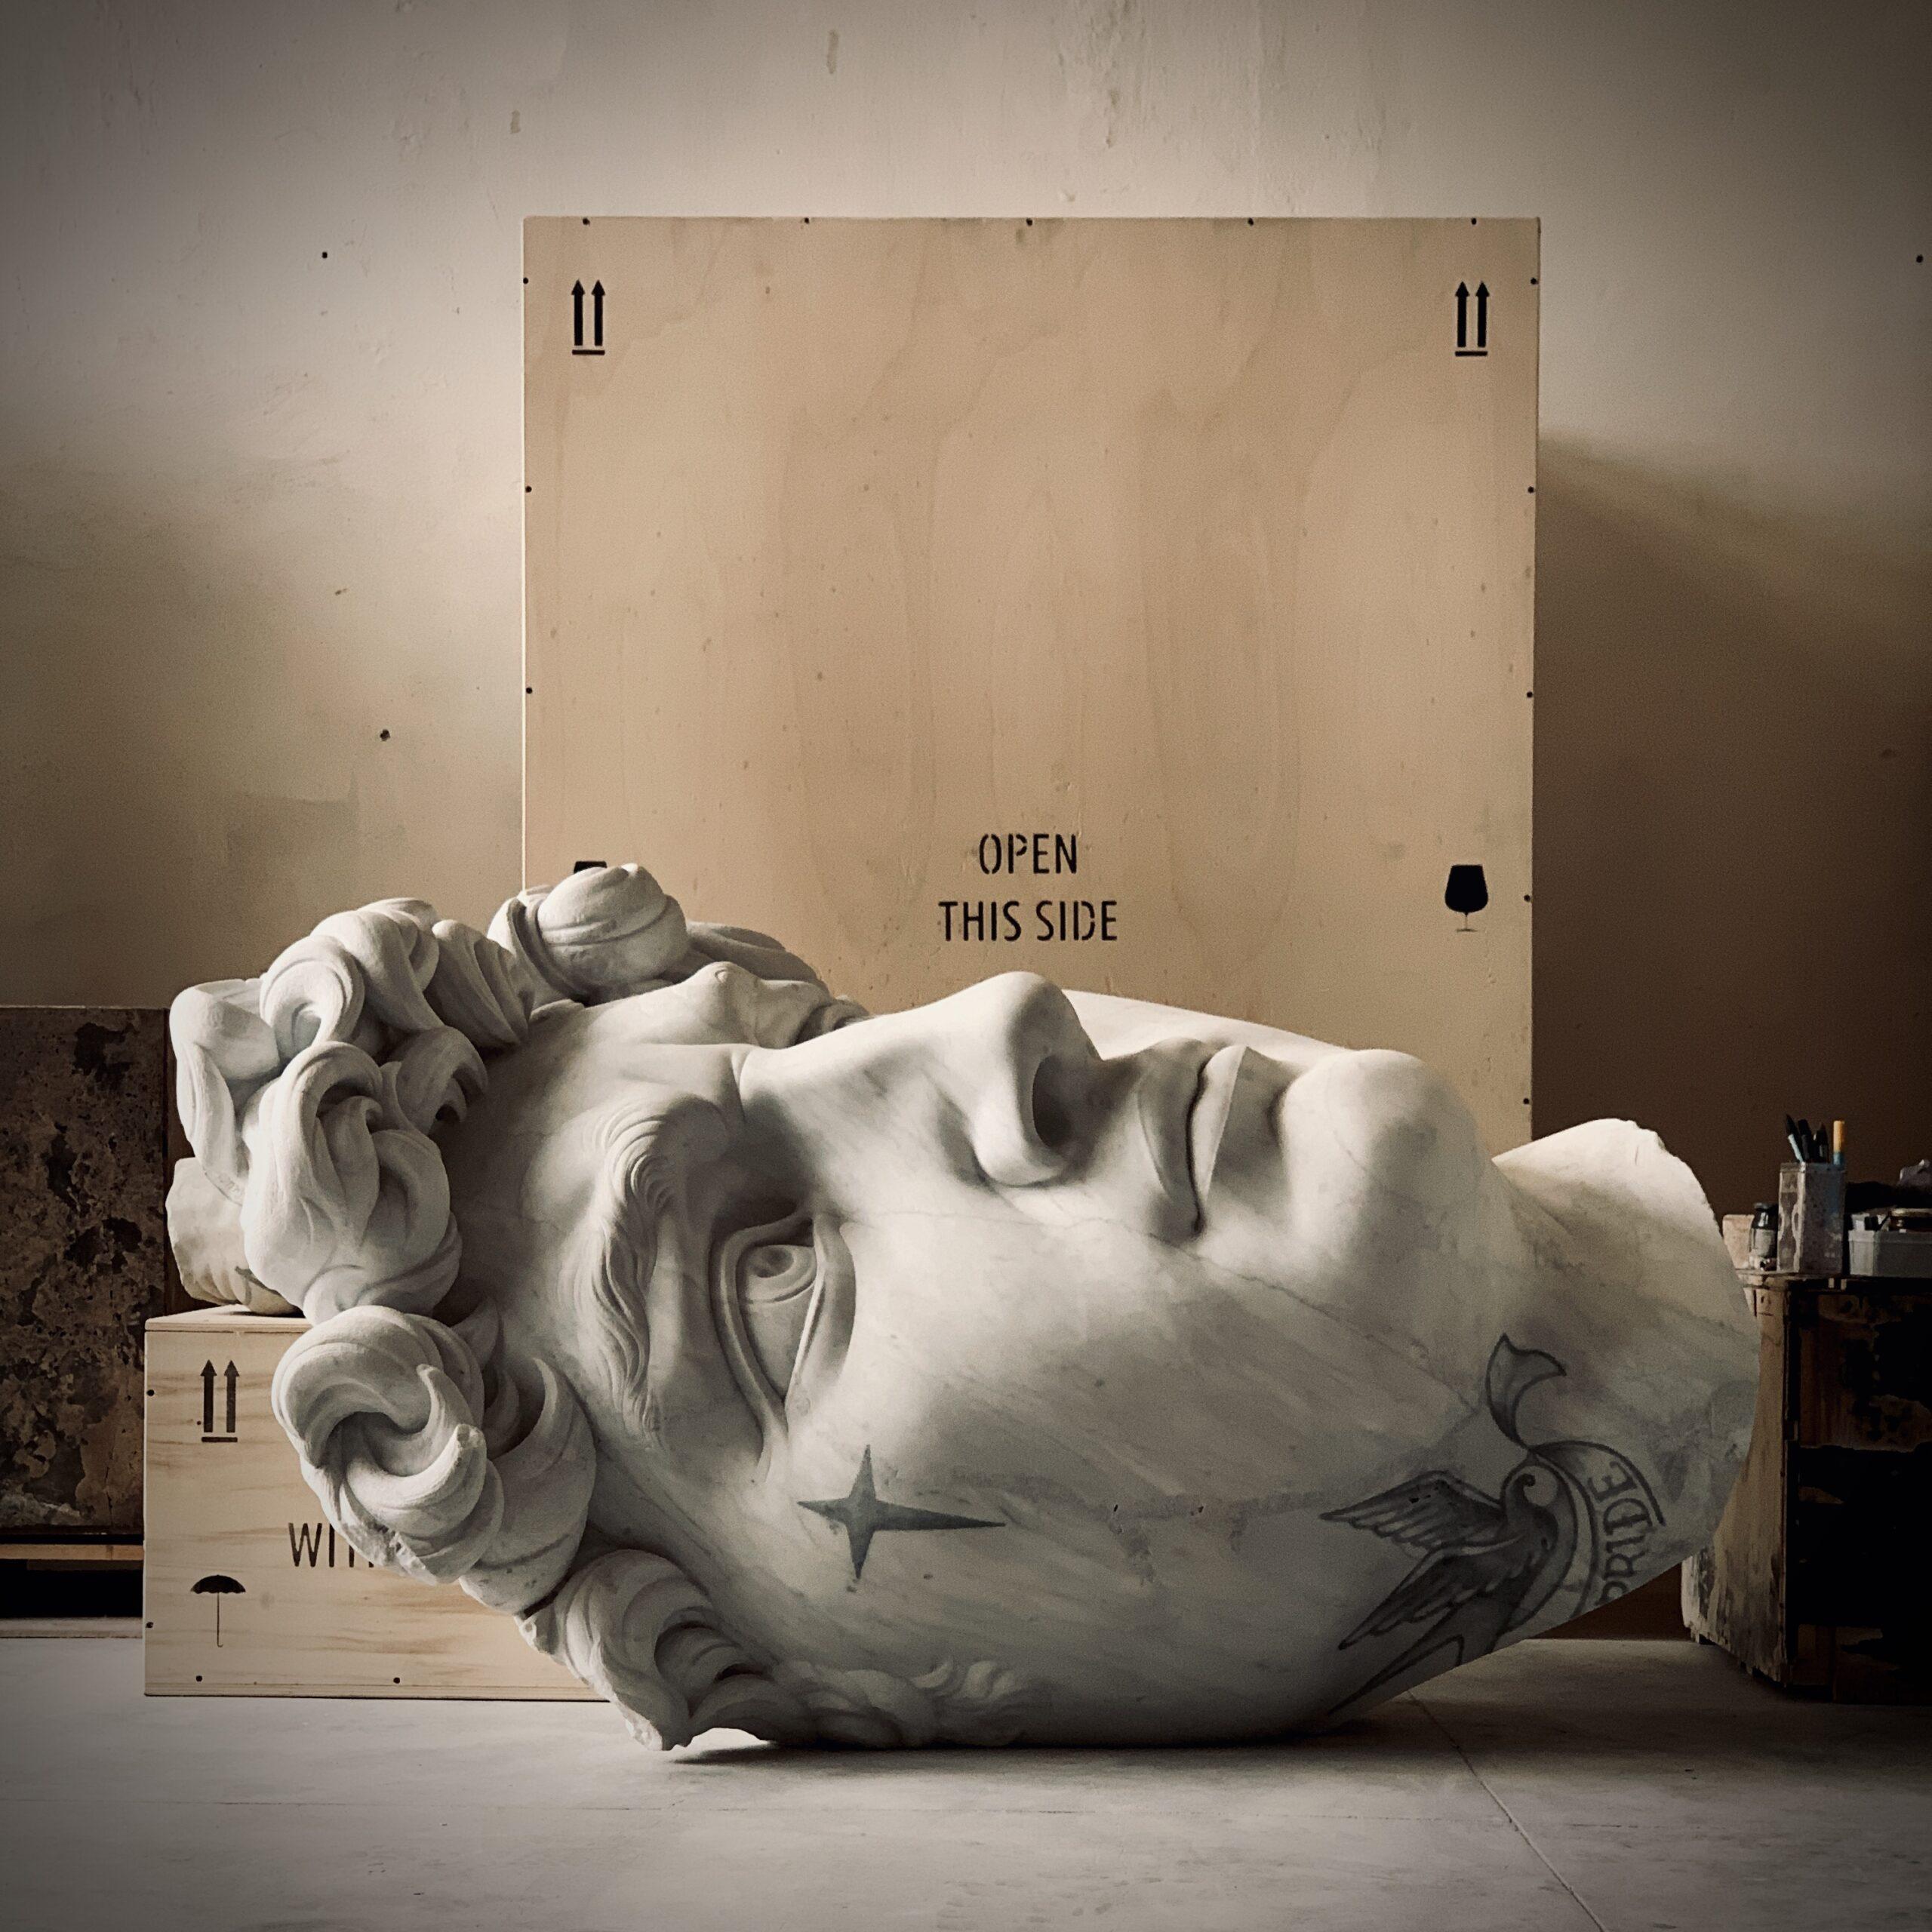 Marmo e tatuaggi in Pietrasanta: Fabio Viale in mostra con le sue sculture